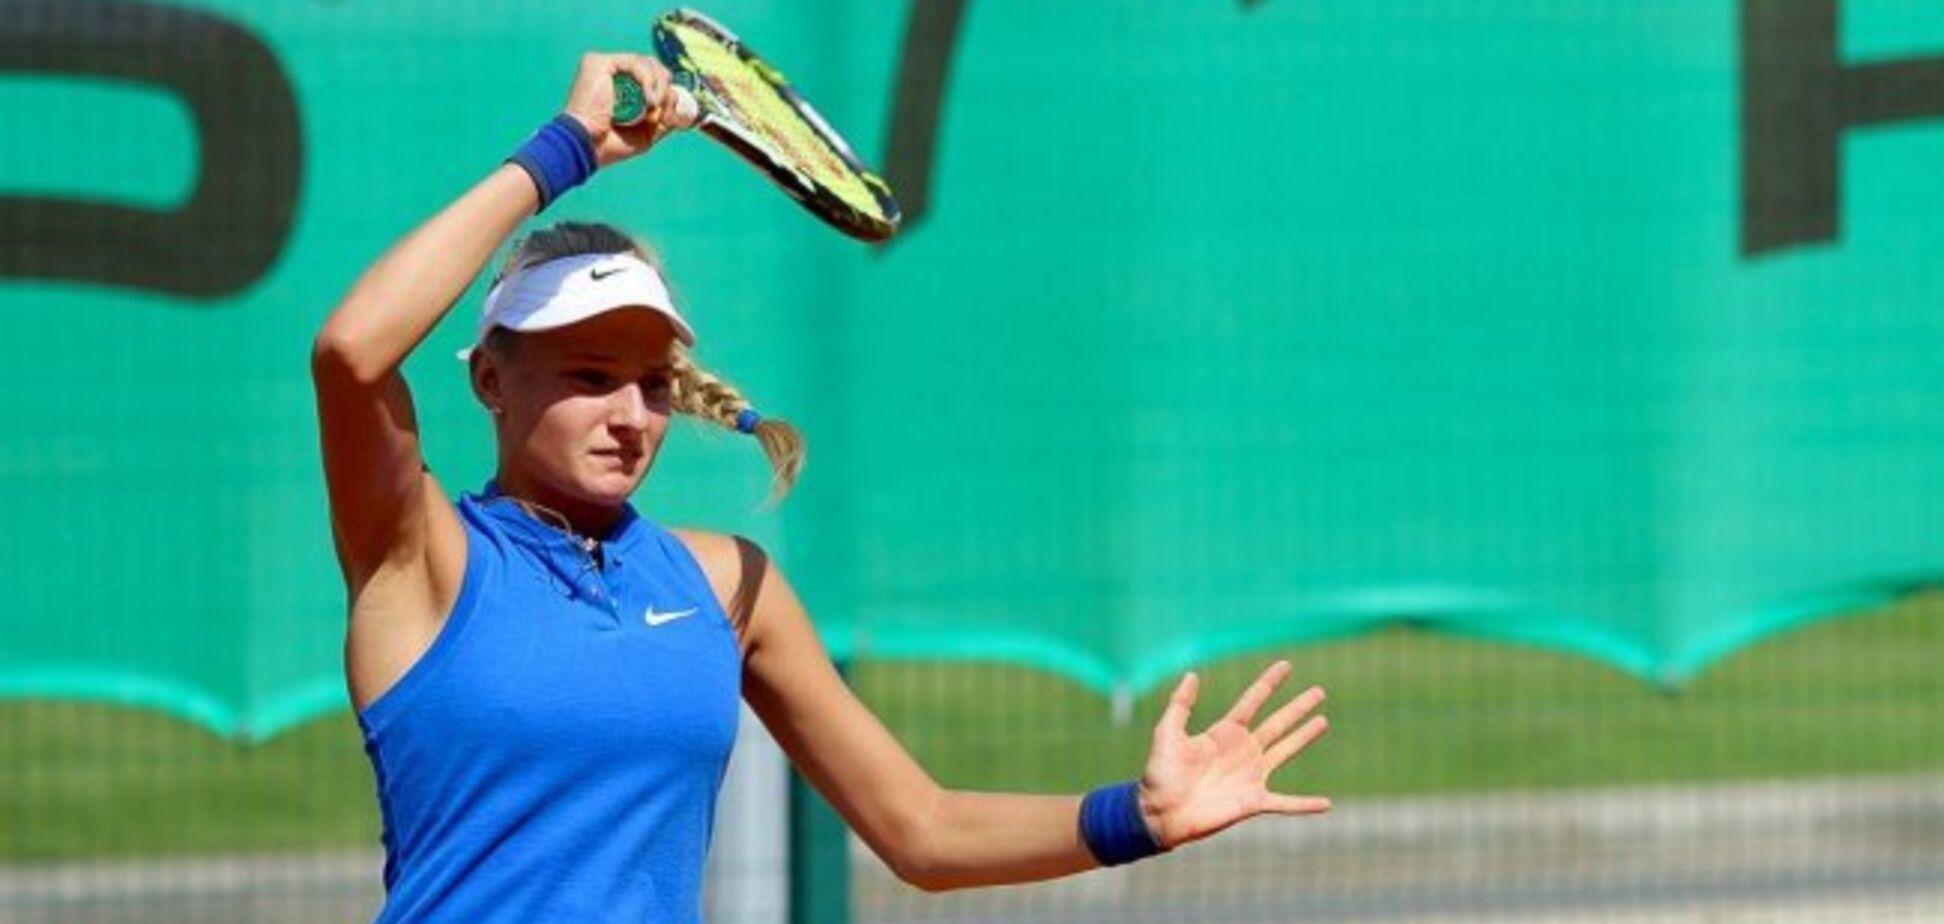 Украинская теннисистка приняла окончательное решение об игре за сборную